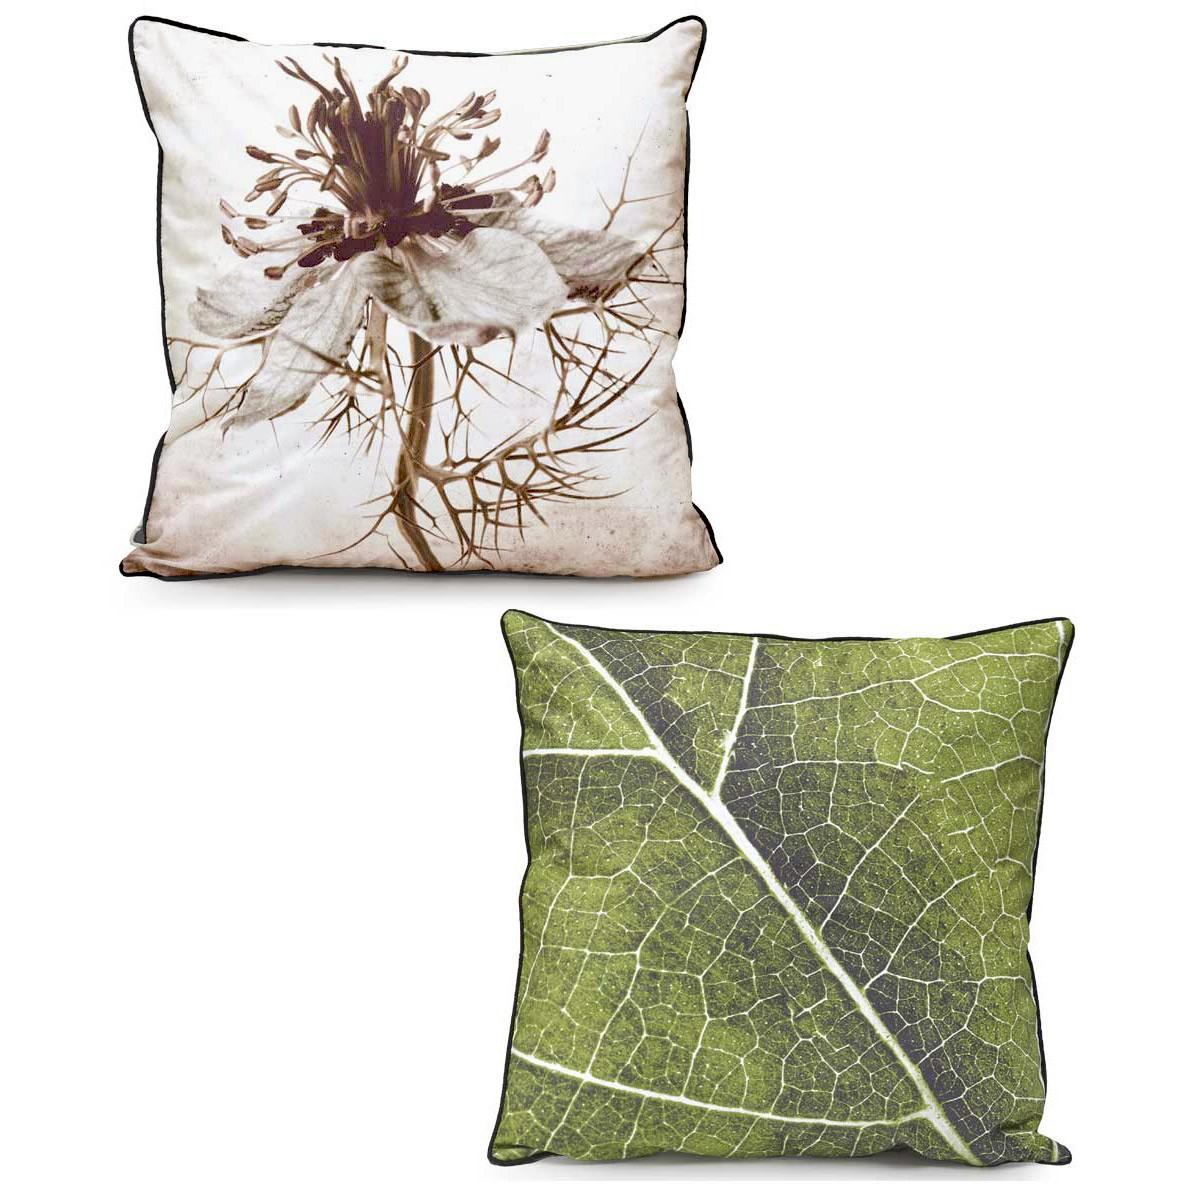 Διακοσμητική Μαξιλαροθήκη 2 Όψεων Kentia Loft 01 home   κρεβατοκάμαρα   διακοσμητικά μαξιλάρια